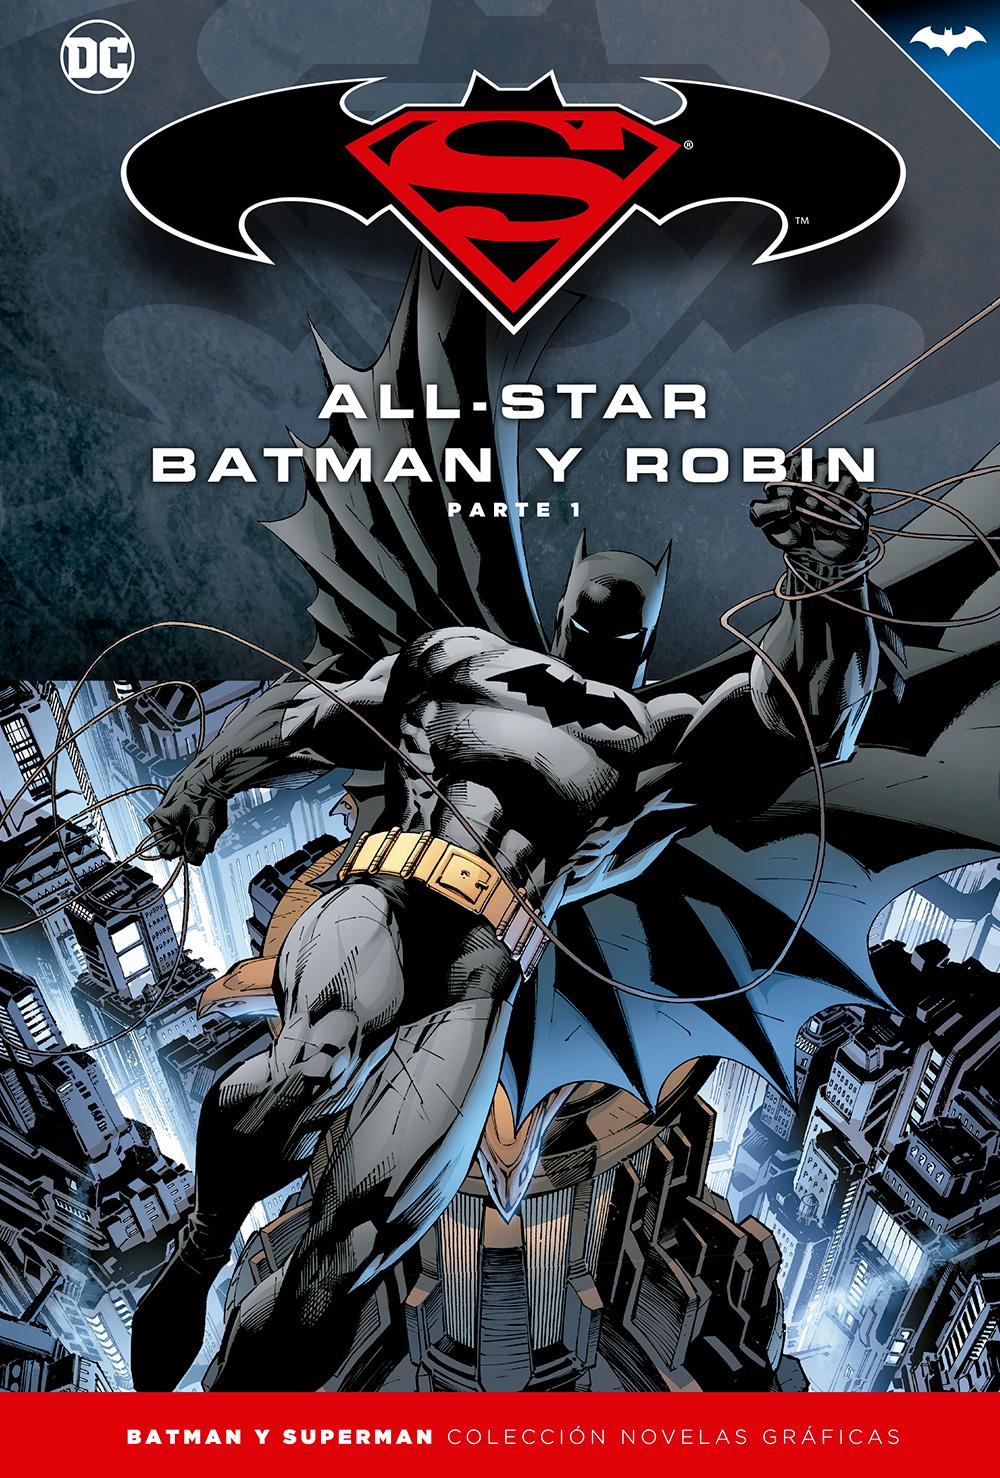 [DC - Salvat] Batman y Superman: Colección Novelas Gráficas Portada_BMSM_1_AllStarBatman1